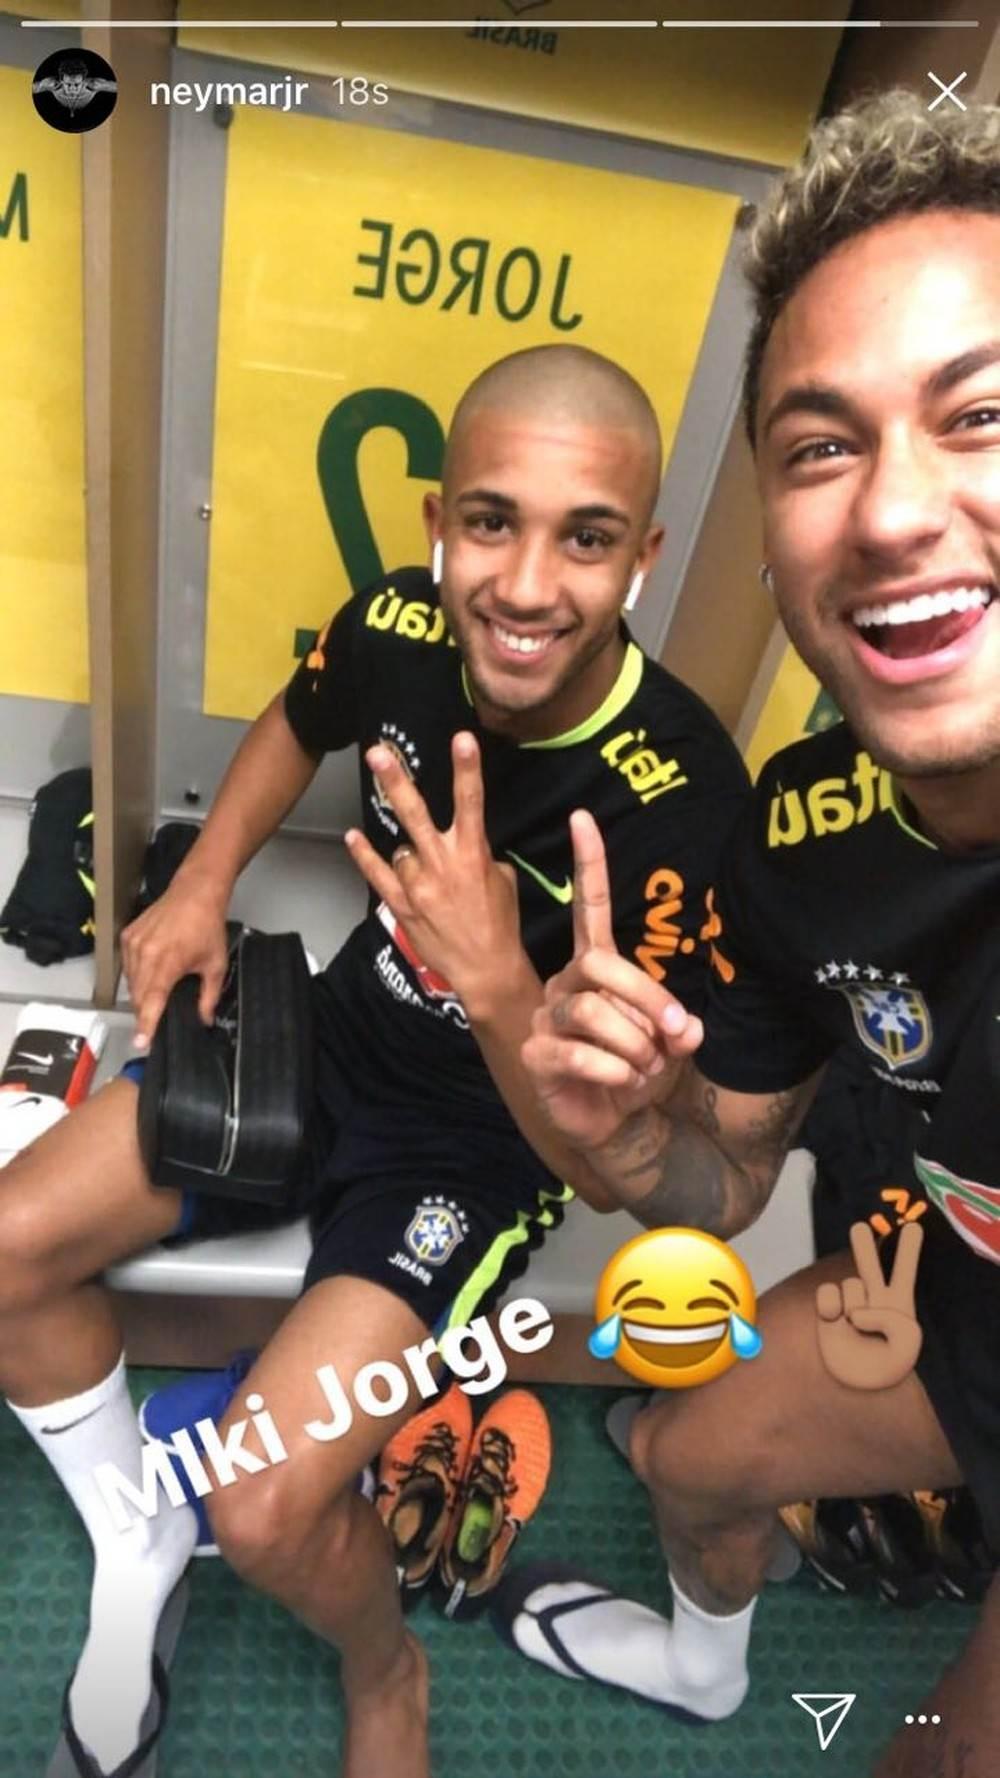 Jorge teve a cabeça raspada por Neymar na concentração | Foto: Reprodução / Instagram